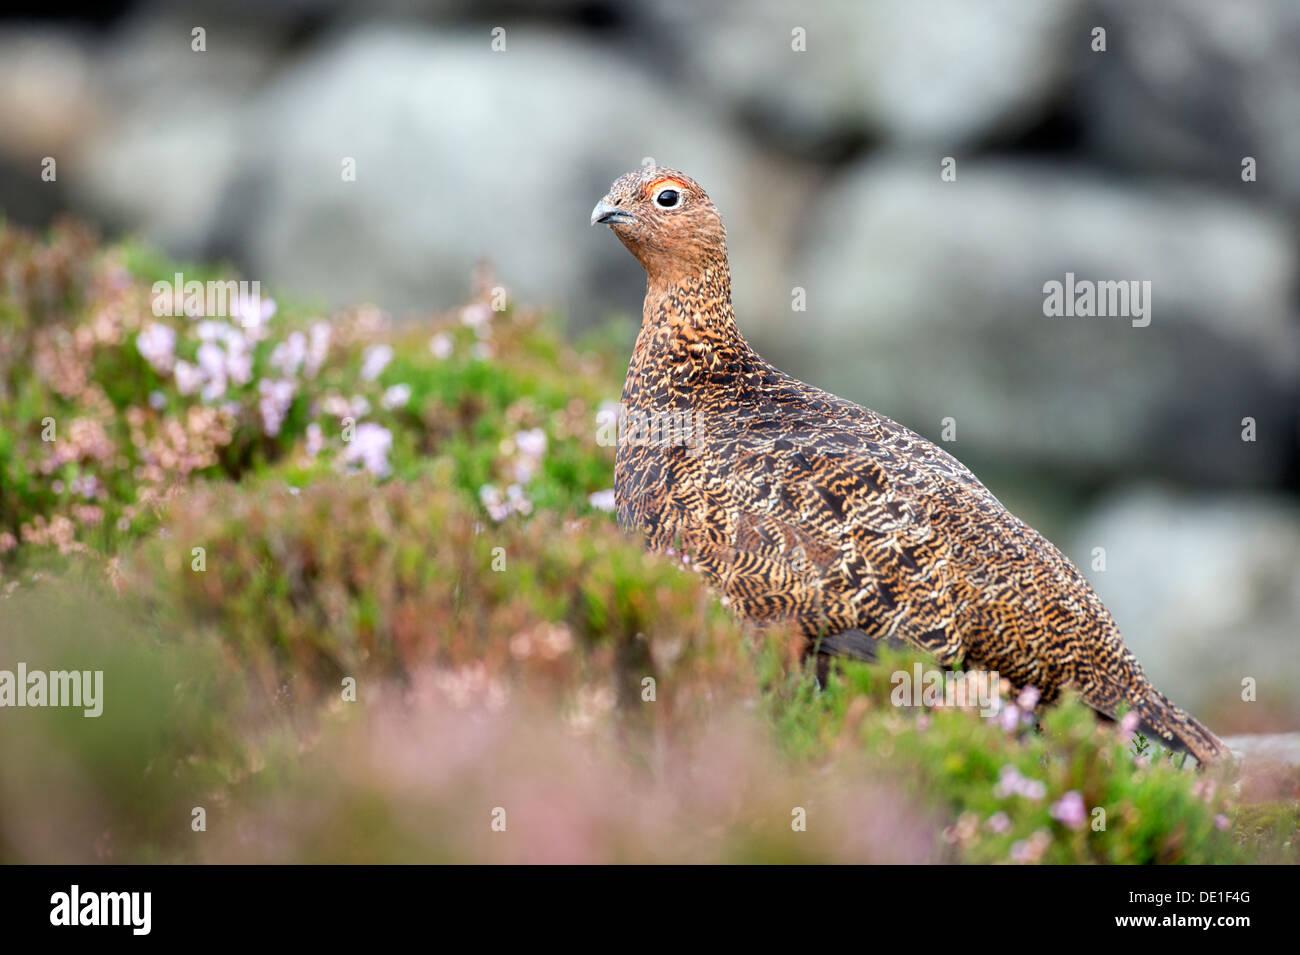 Red Grouse (Lagopus lagopus scoticus) - Stock Image